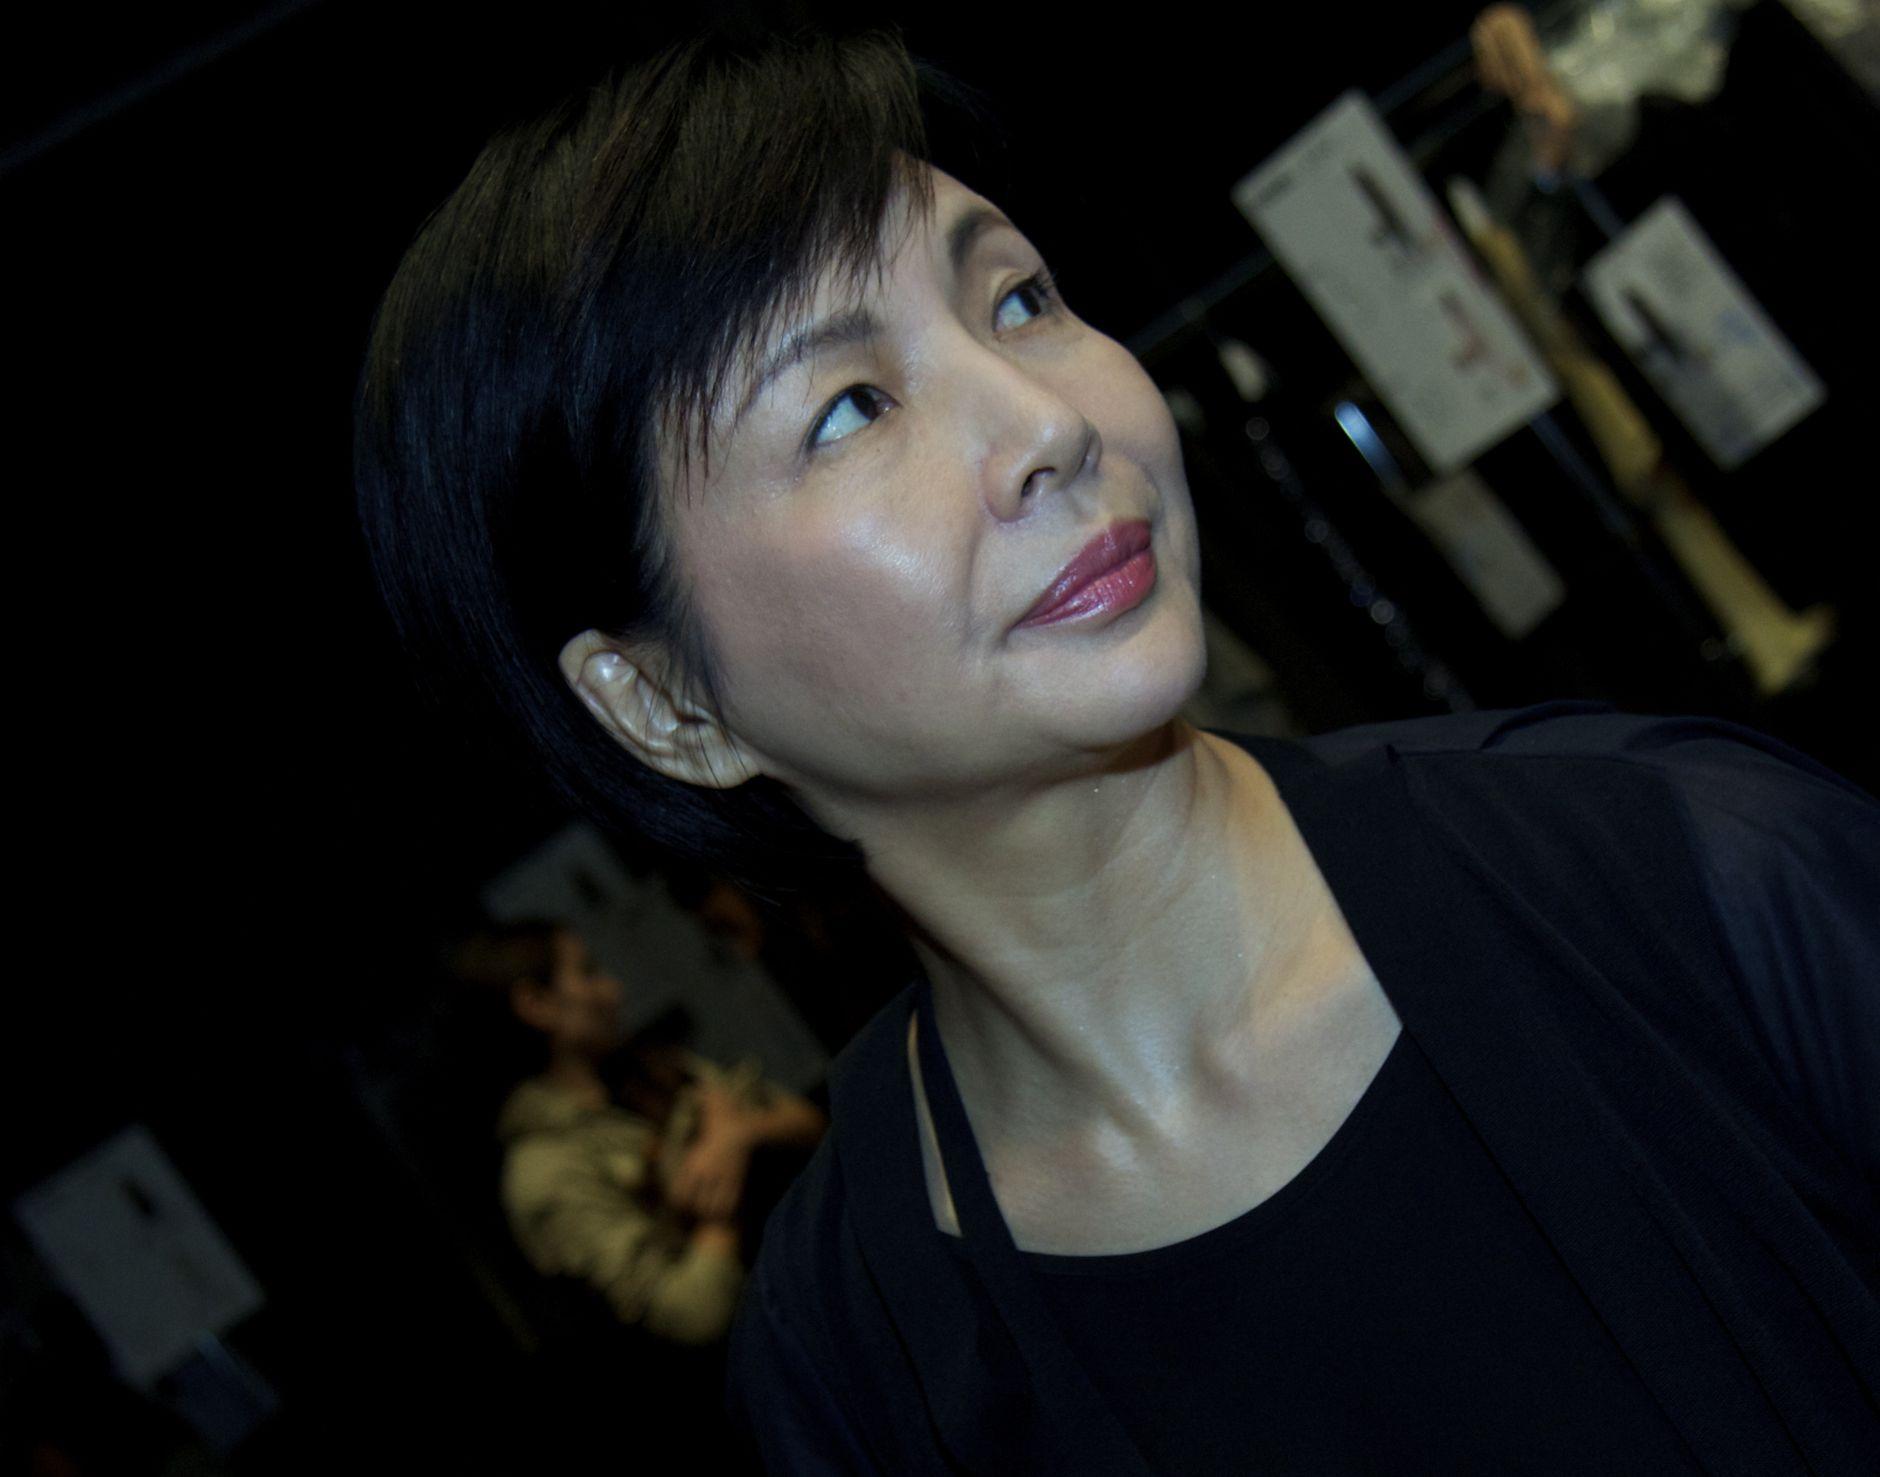 Izumi Ogino Anteprima Backstage